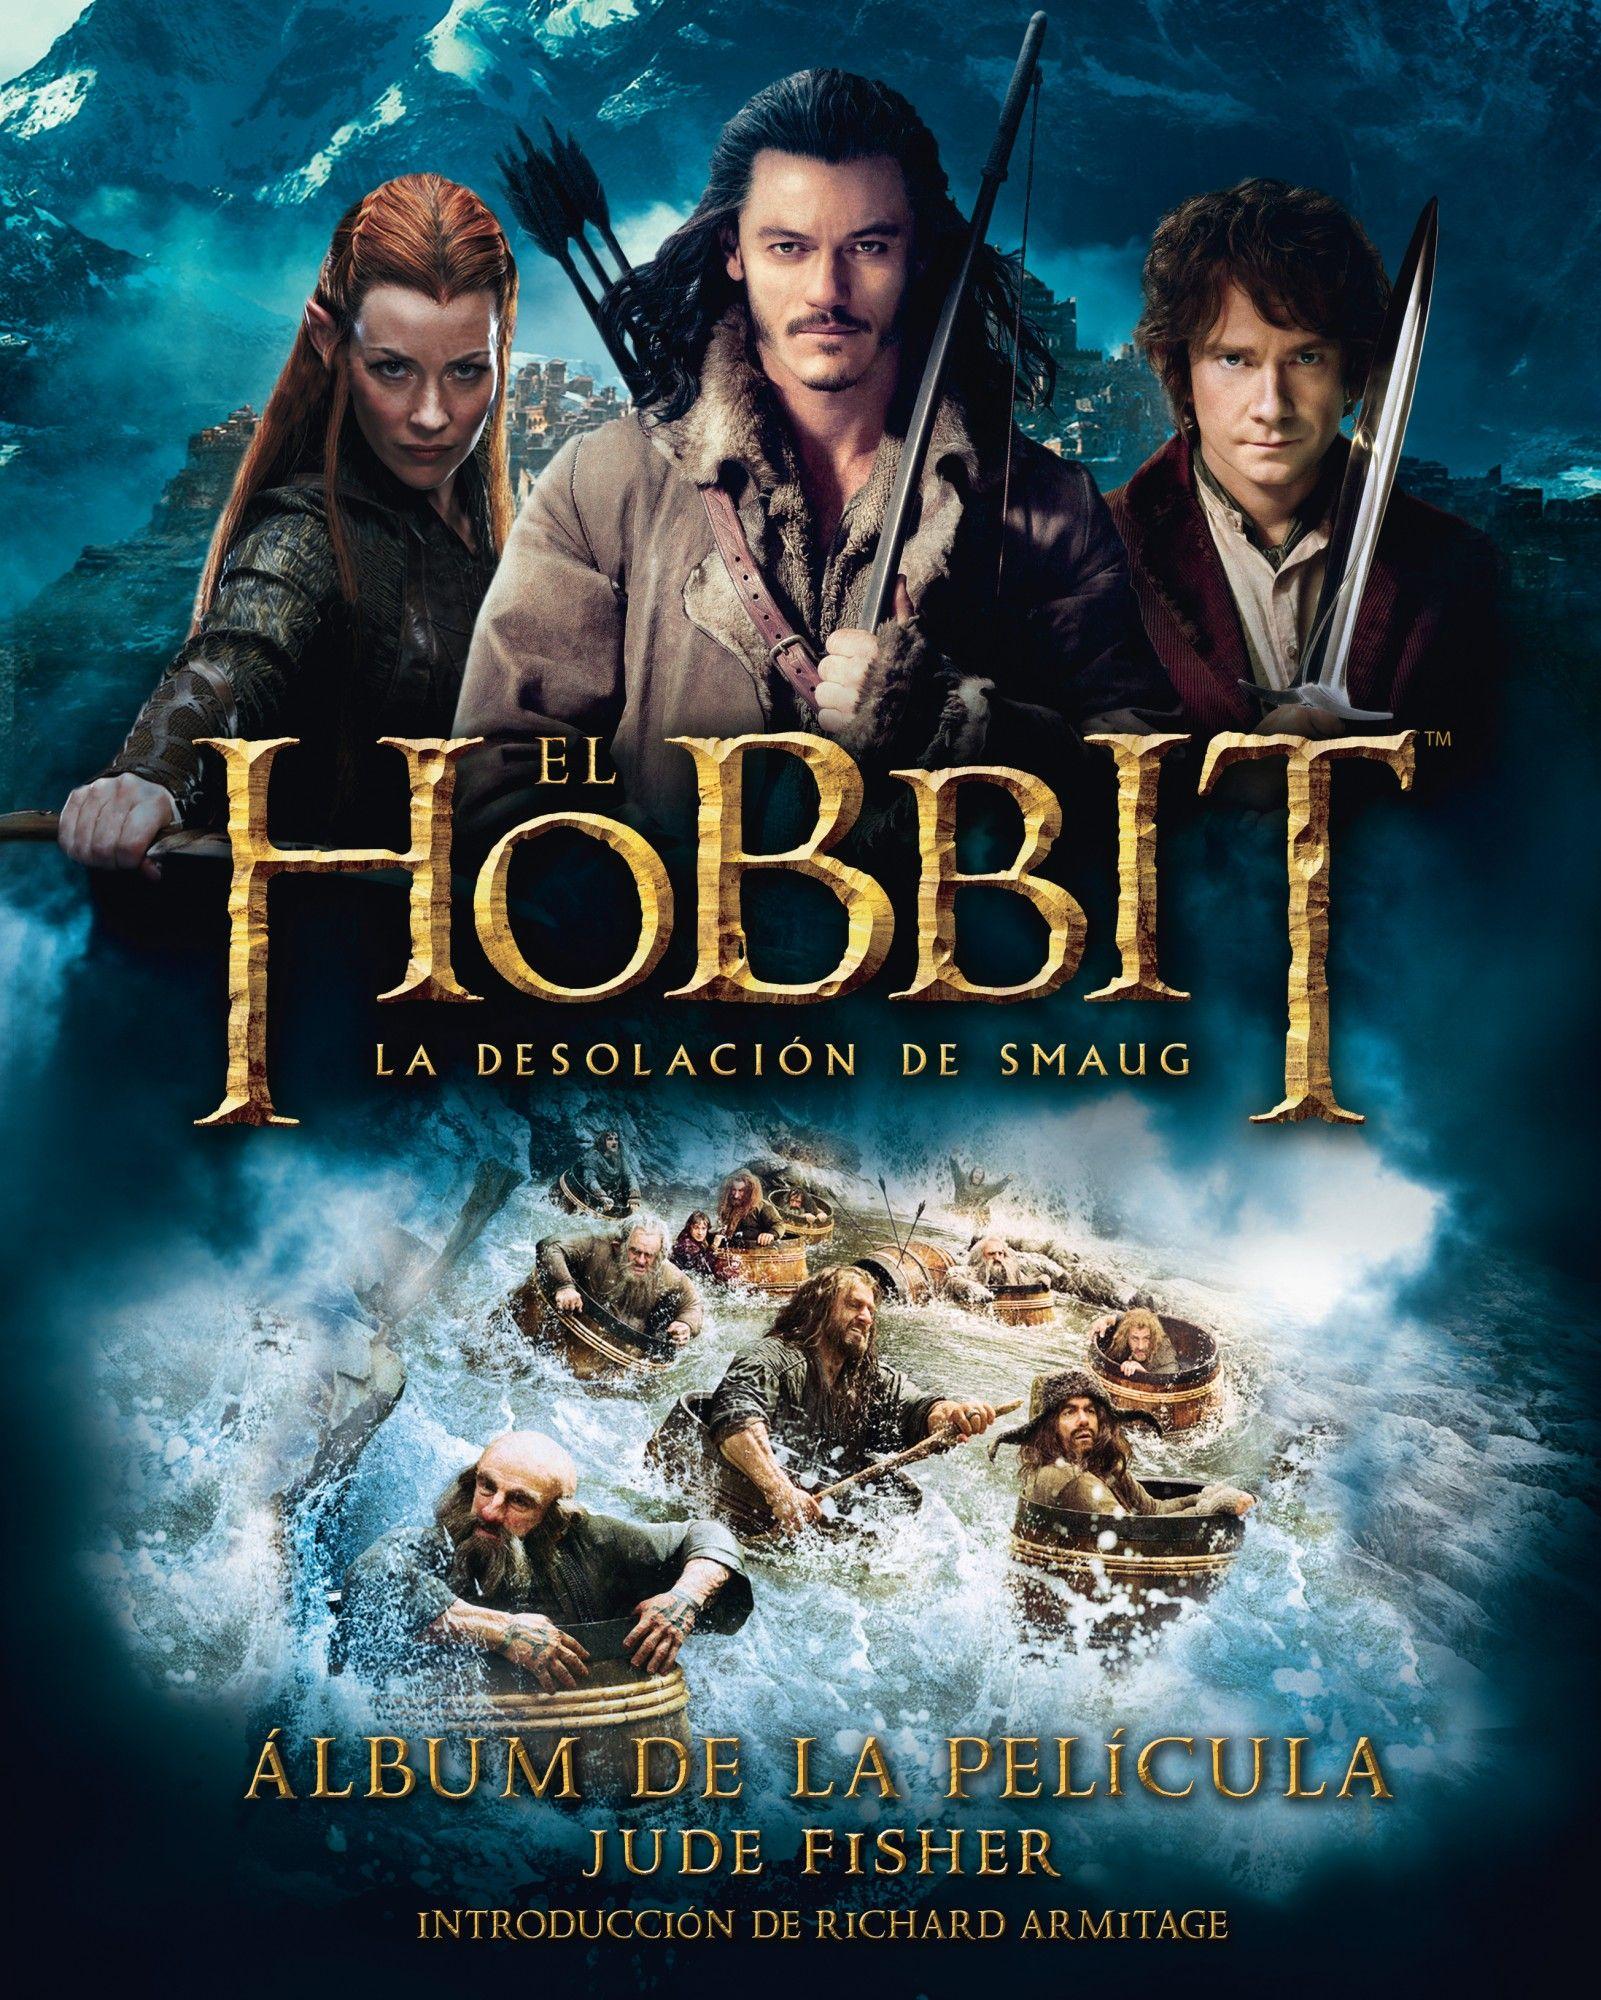 El Hobbit La Desolación De Smaug álbum De La Película Hobbit La Desolación De Smaug Cine De Accion